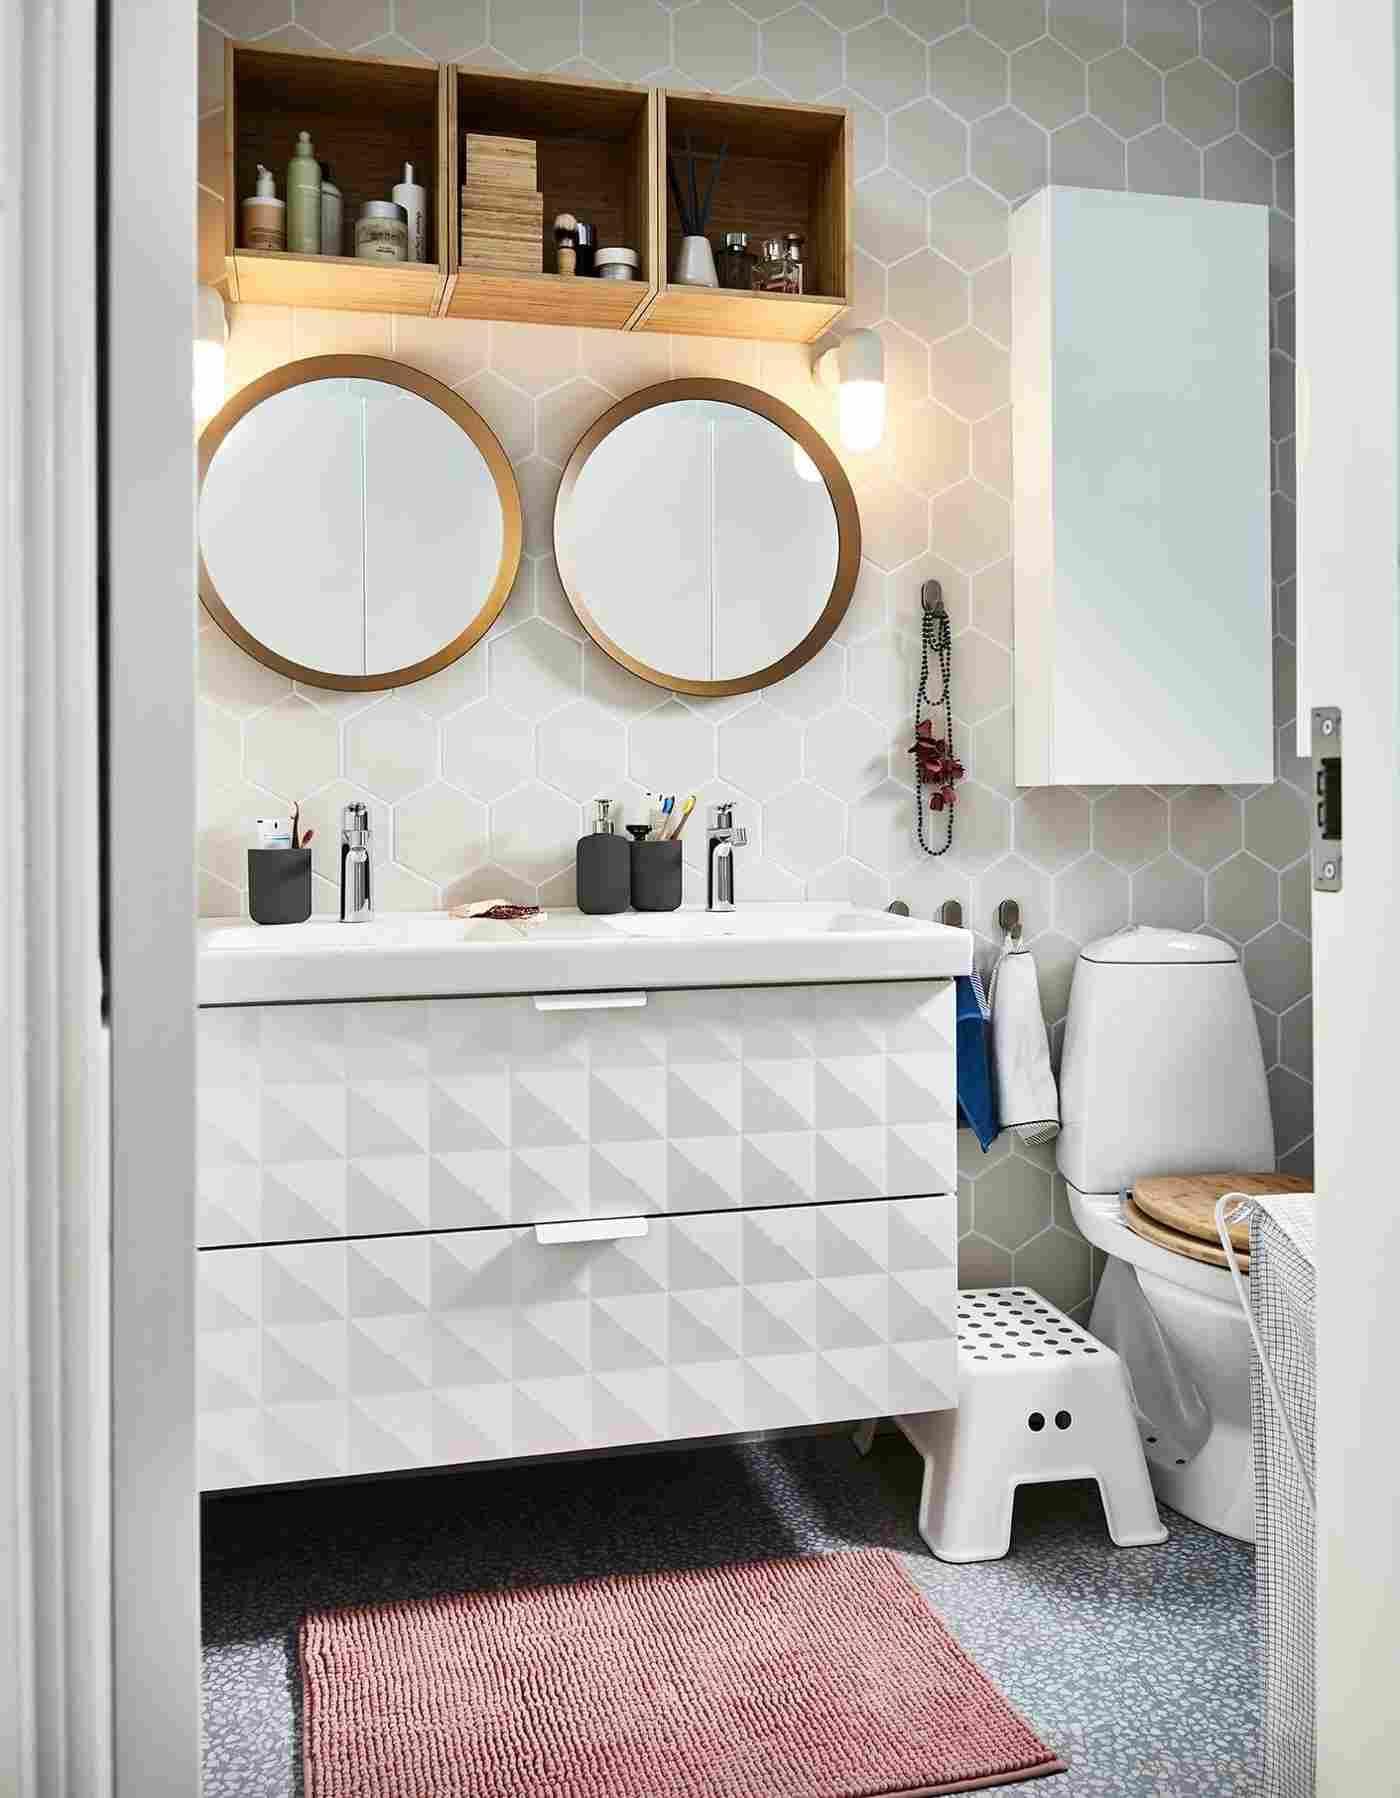 Wandregal Badezimmer Ikea